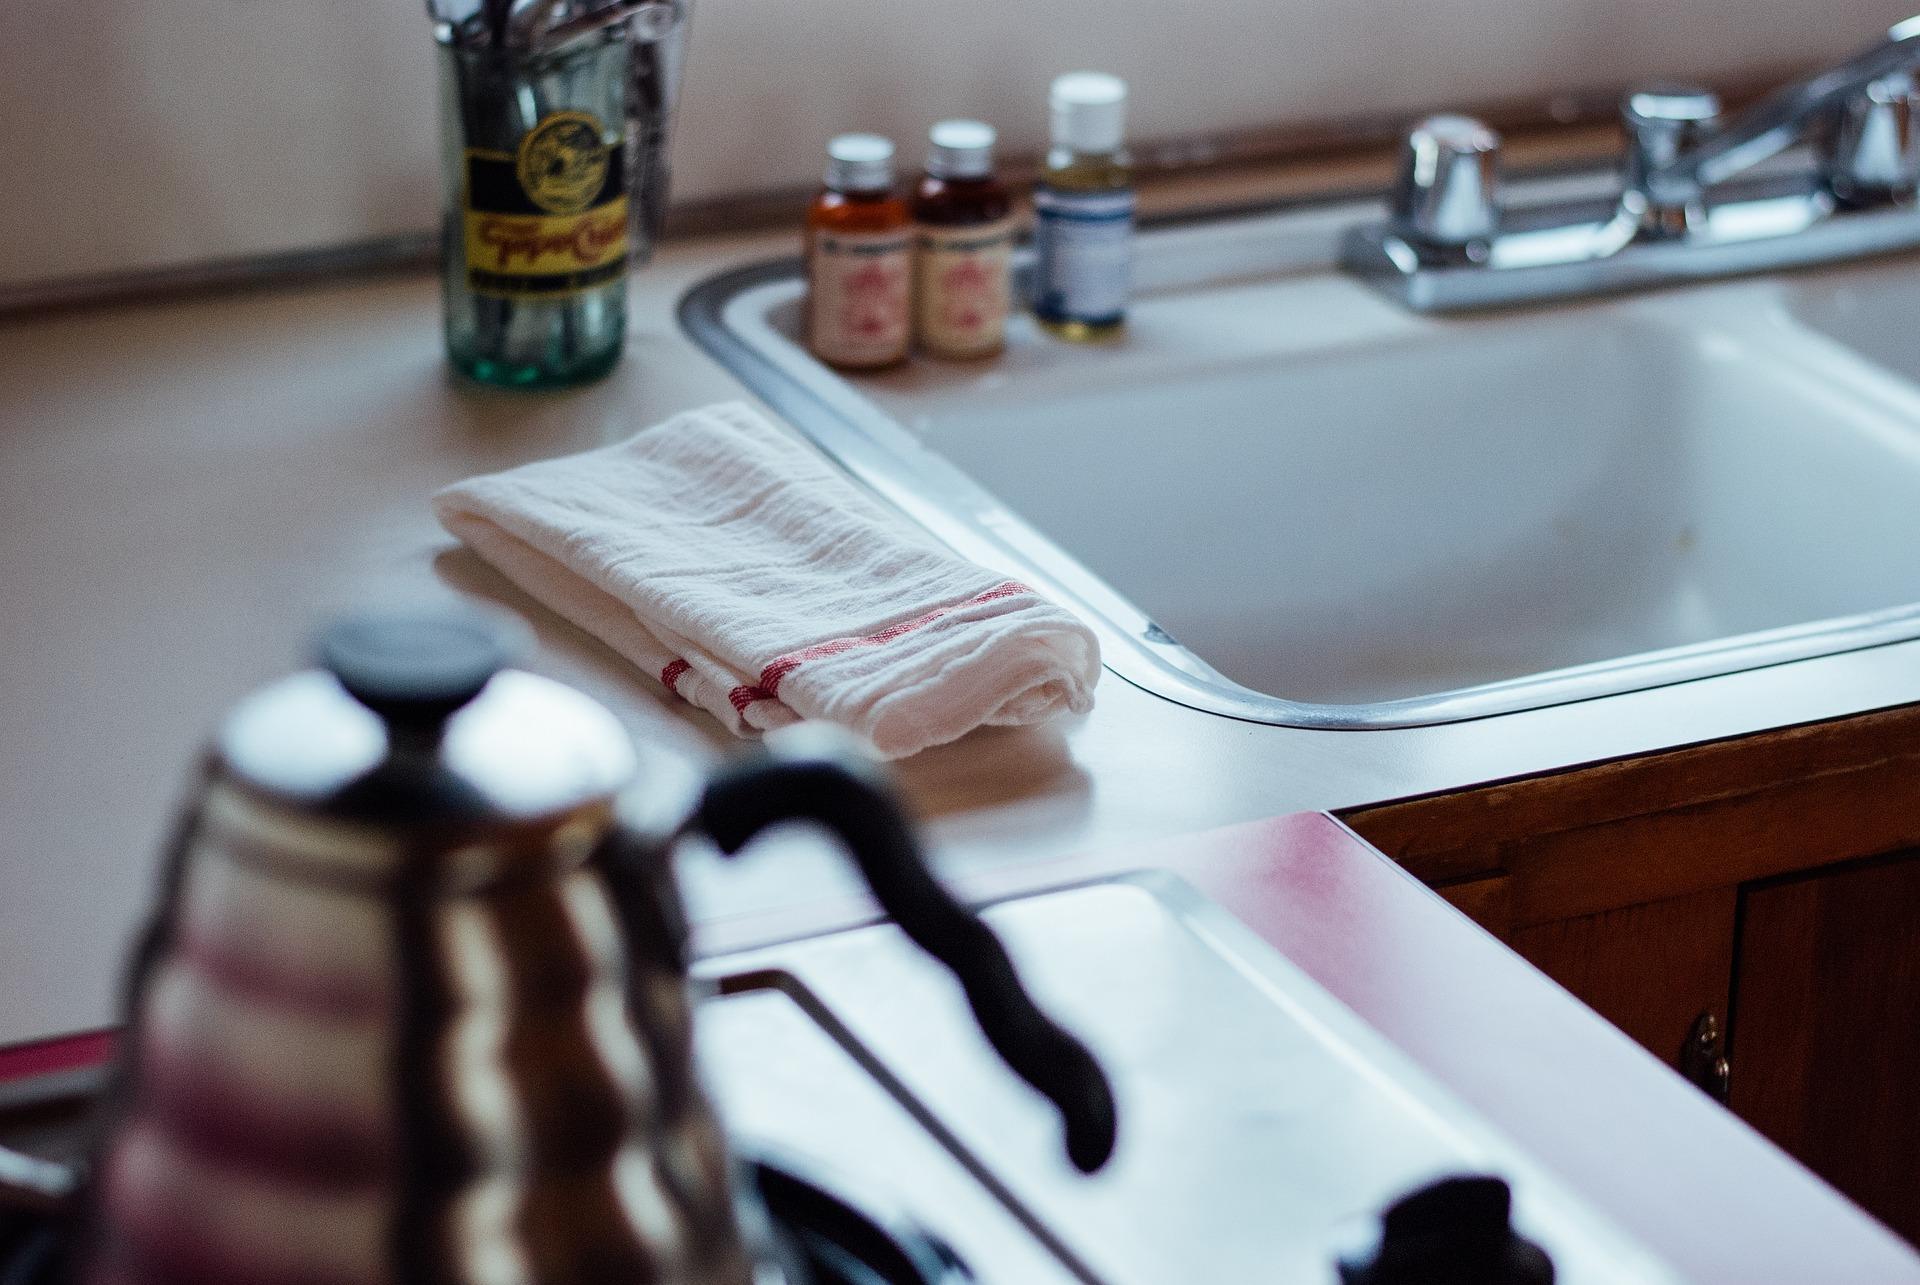 le dekton plan de travail r sistant tout terrain cuisine nouveaut s nolte. Black Bedroom Furniture Sets. Home Design Ideas